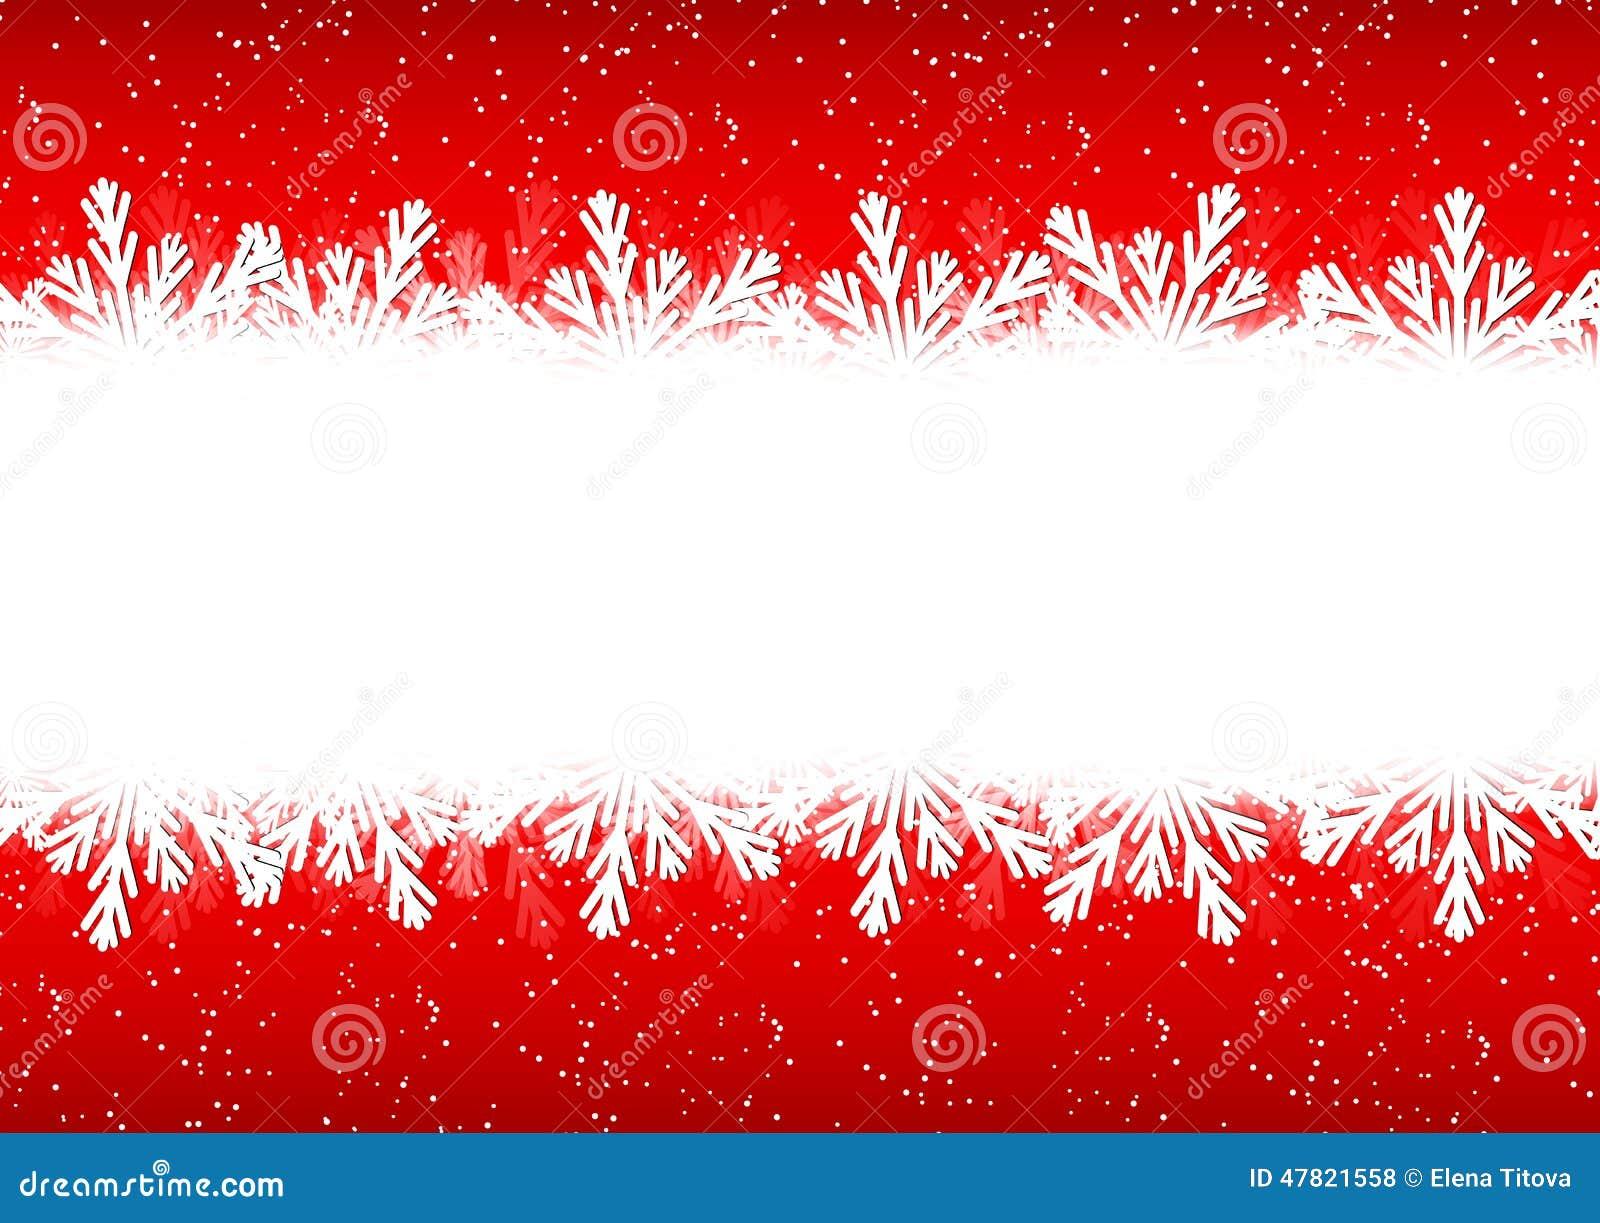 christmas snowflakes border - photo #26